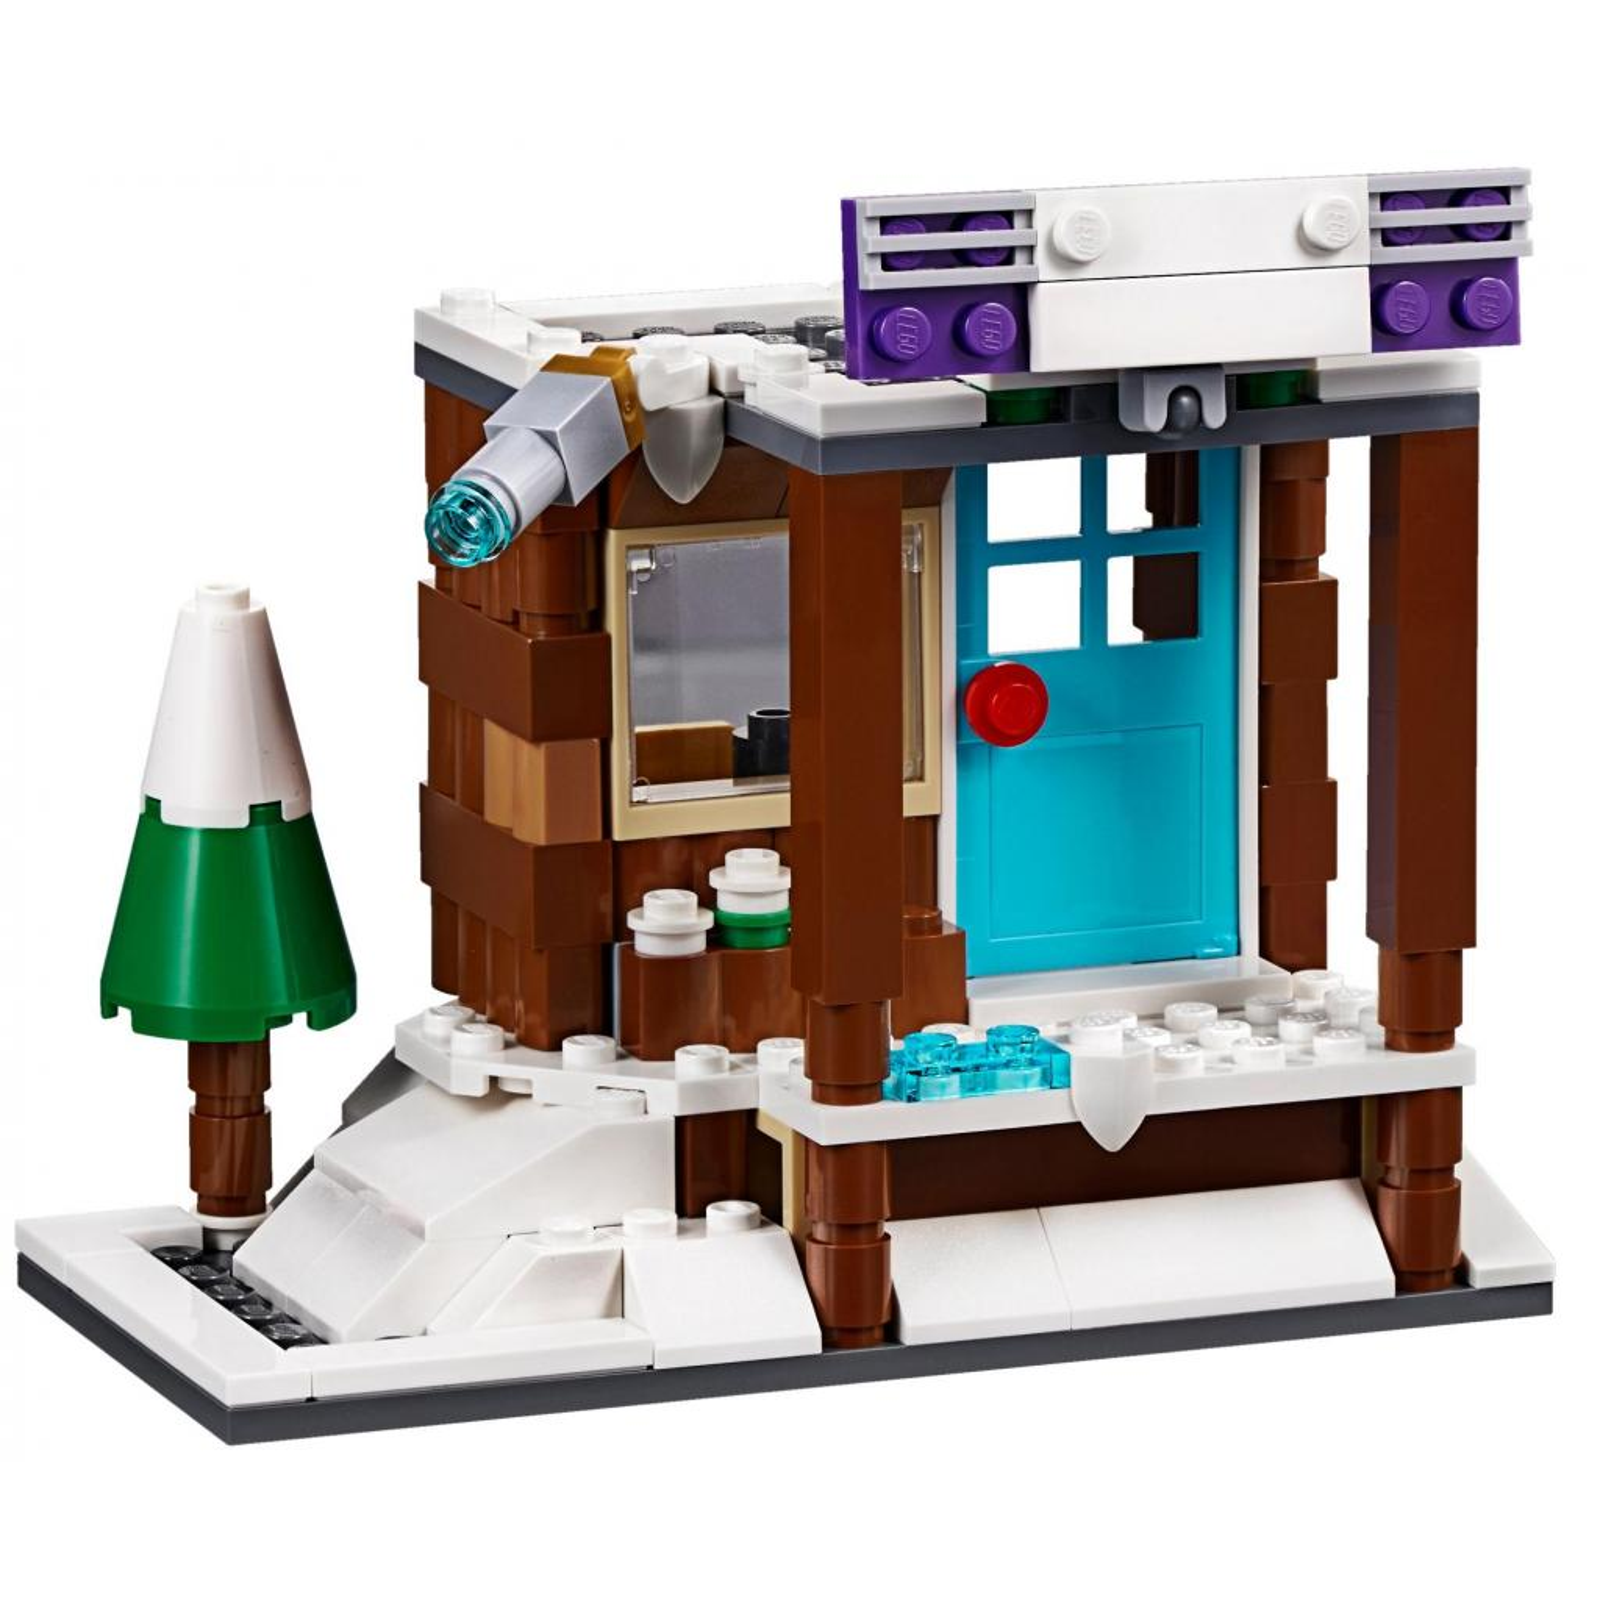 Конструктор LEGO Creator Модульный набор Зимние каникулы (31080) изображение 7